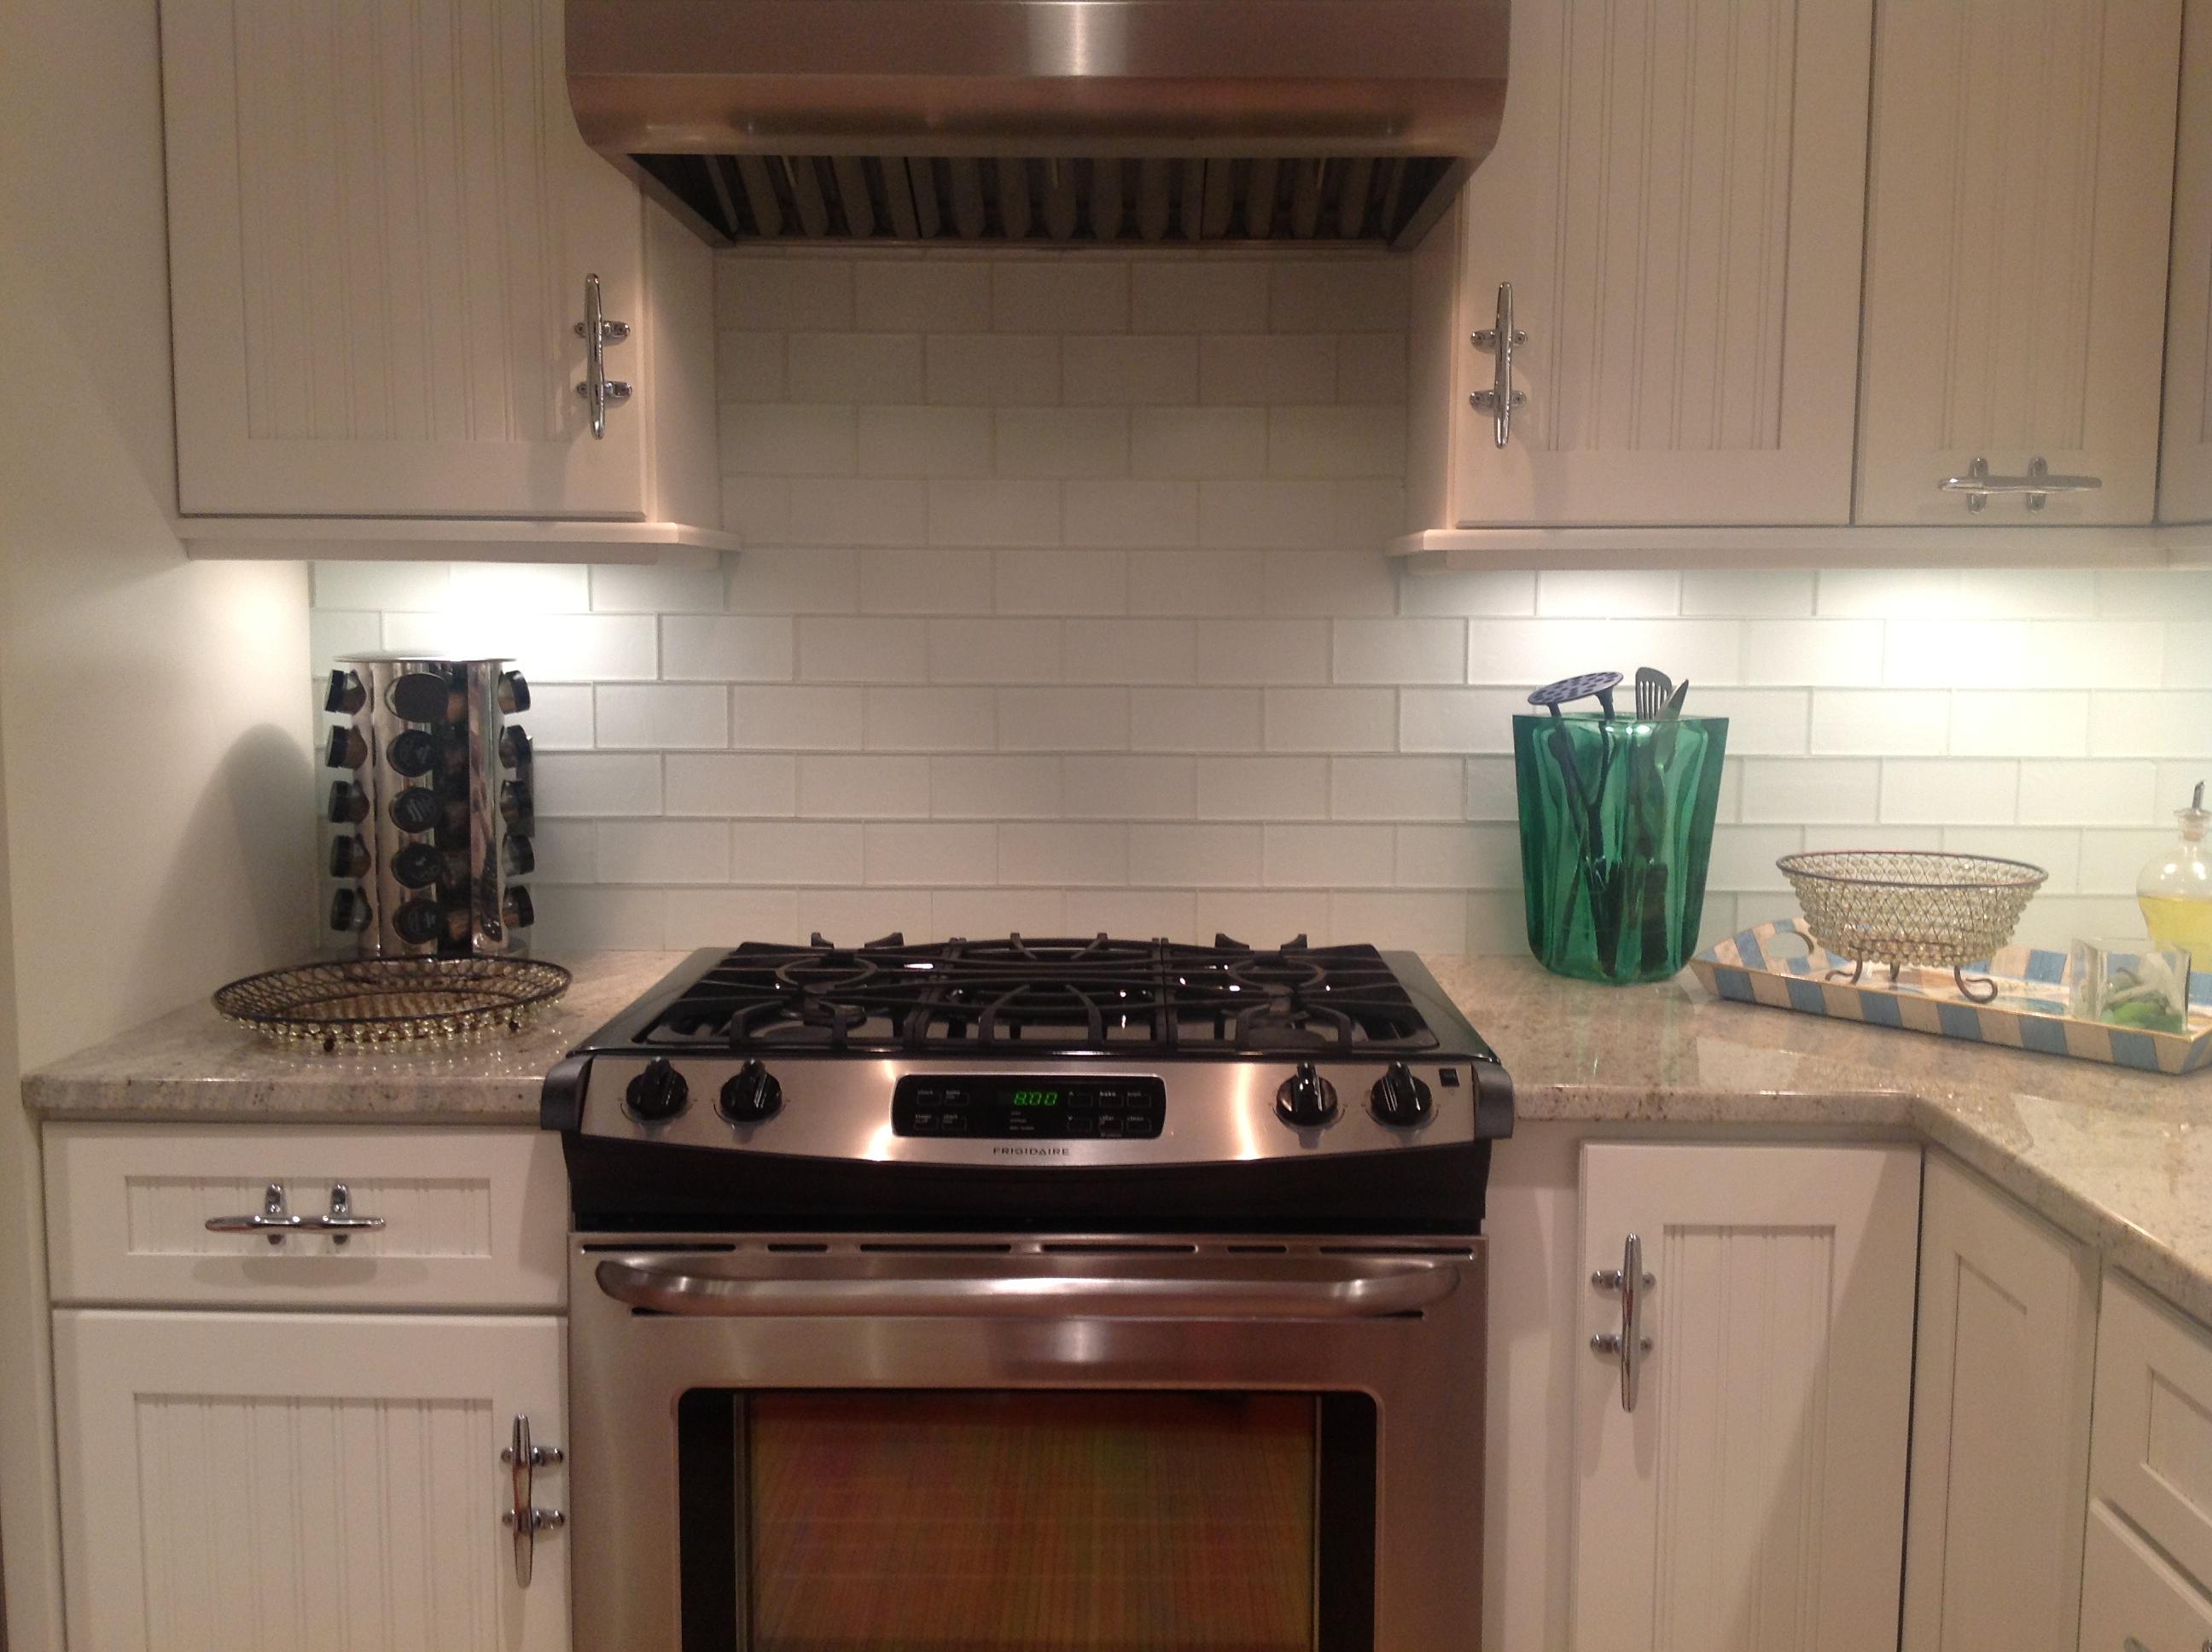 Inexpensive kitchen appliances Photo - 11